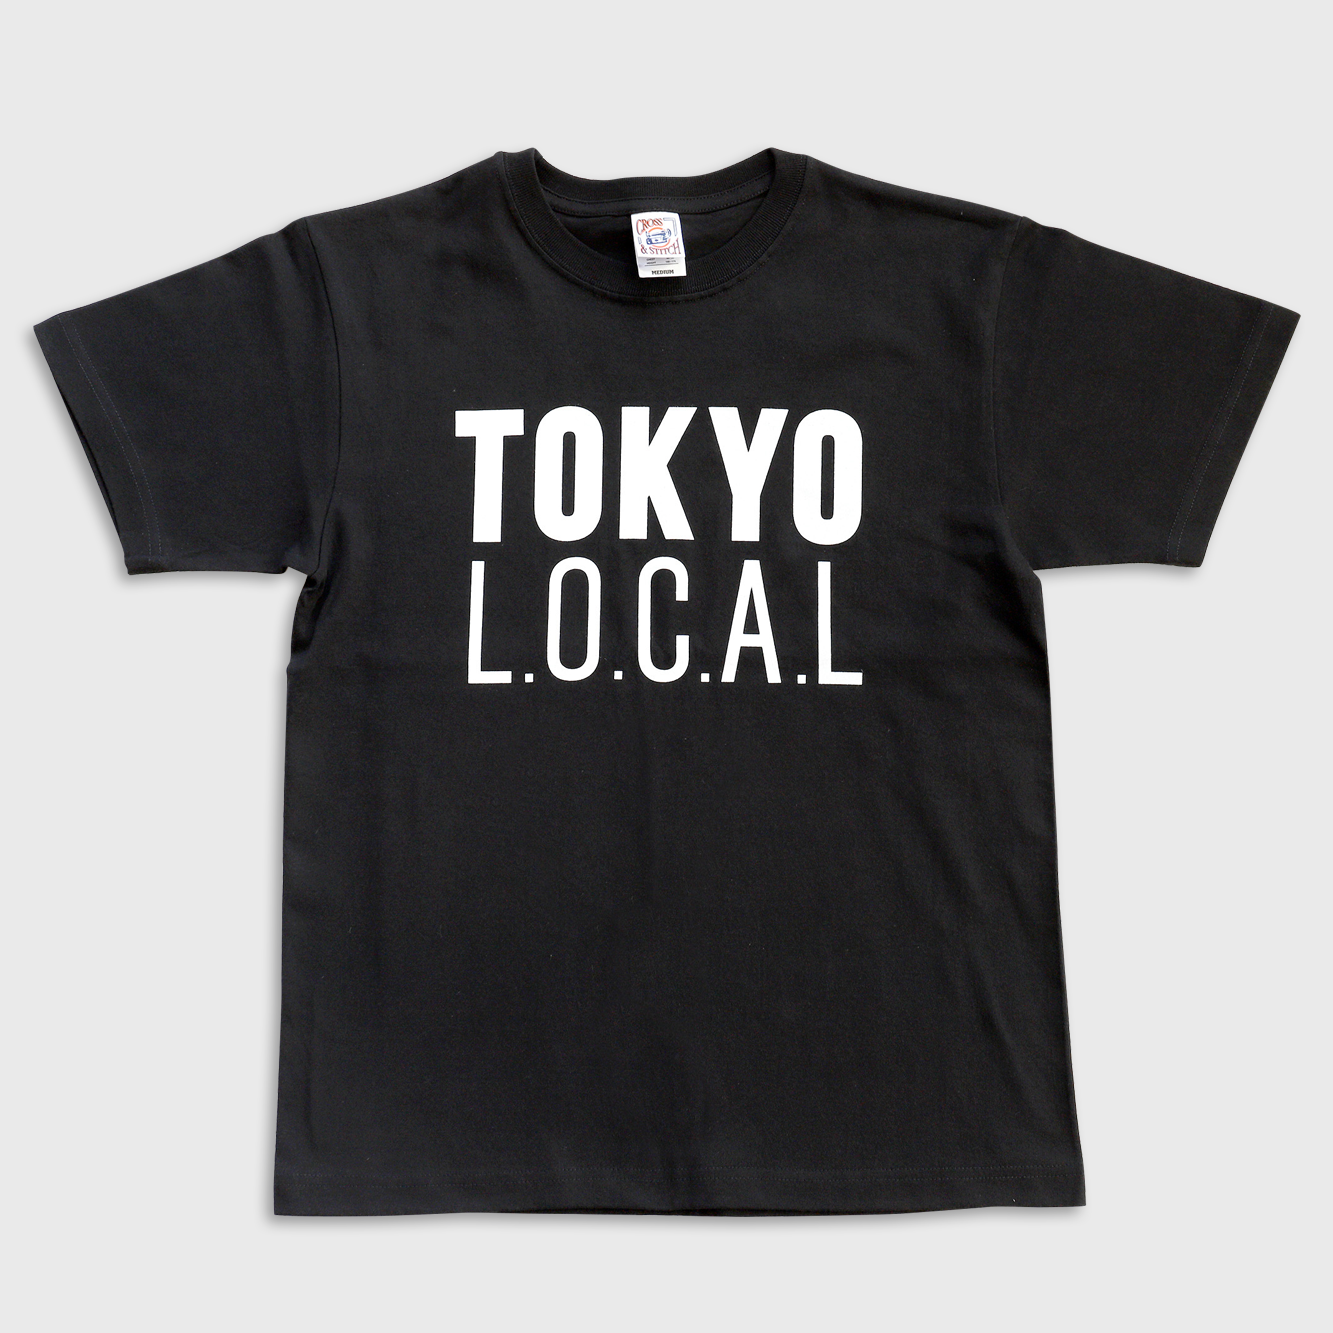 「ベーシックロゴ」 TOKYO L.O.C.A.L Tシャツ(バックプリント:Machiya Base)